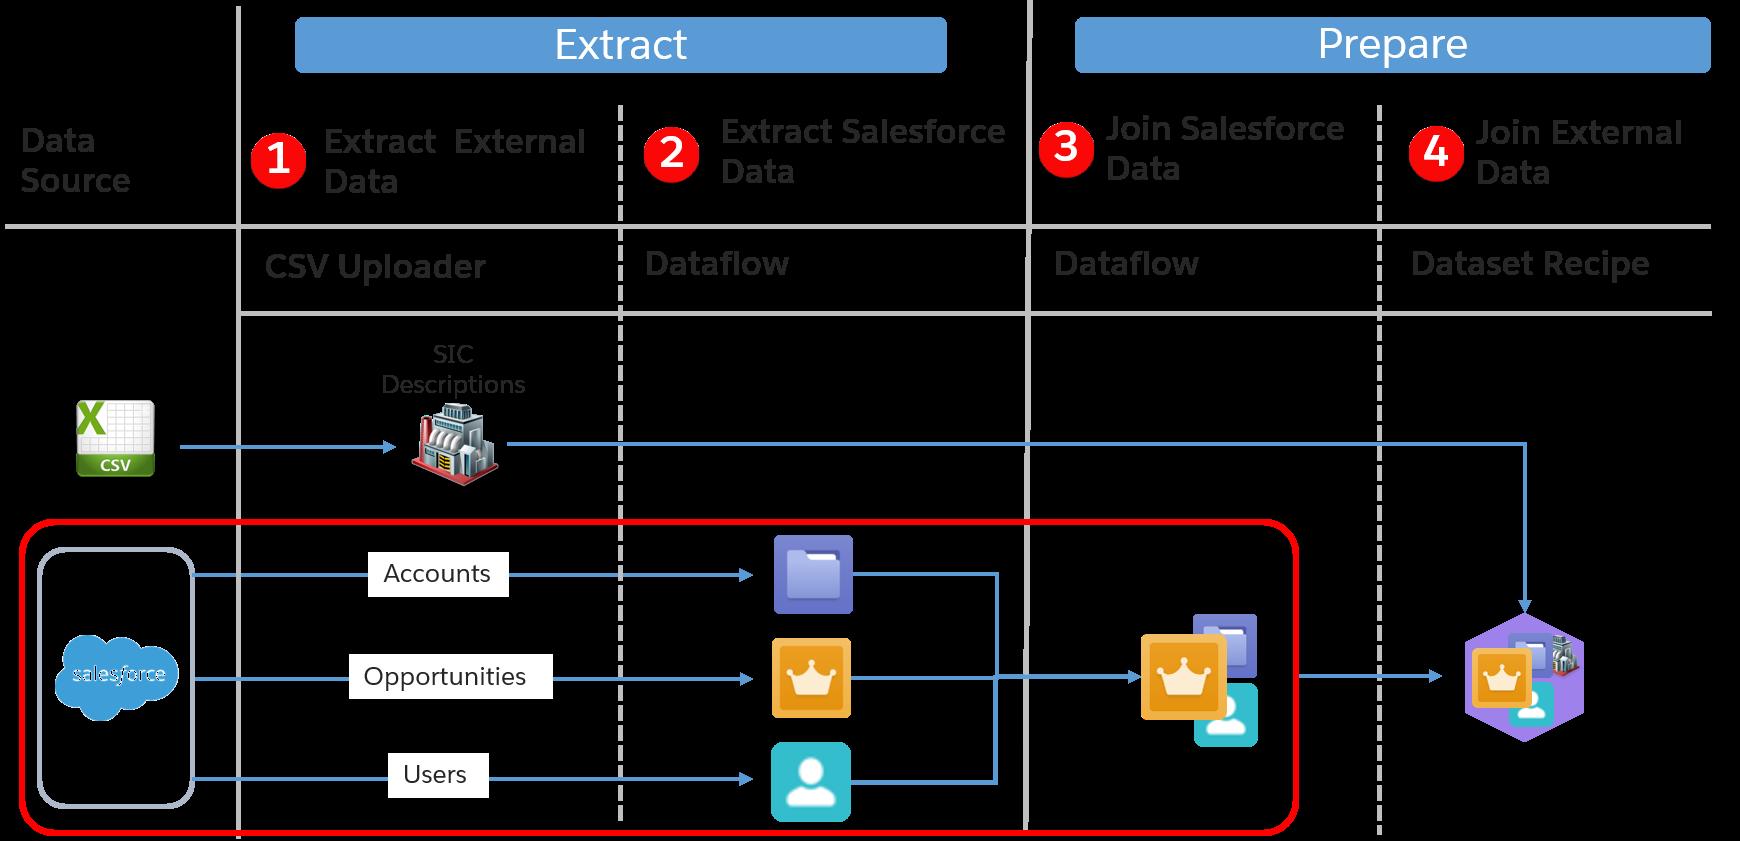 Mapa da jornada de dados com o processo de extração de dados do Salesforce em destaque